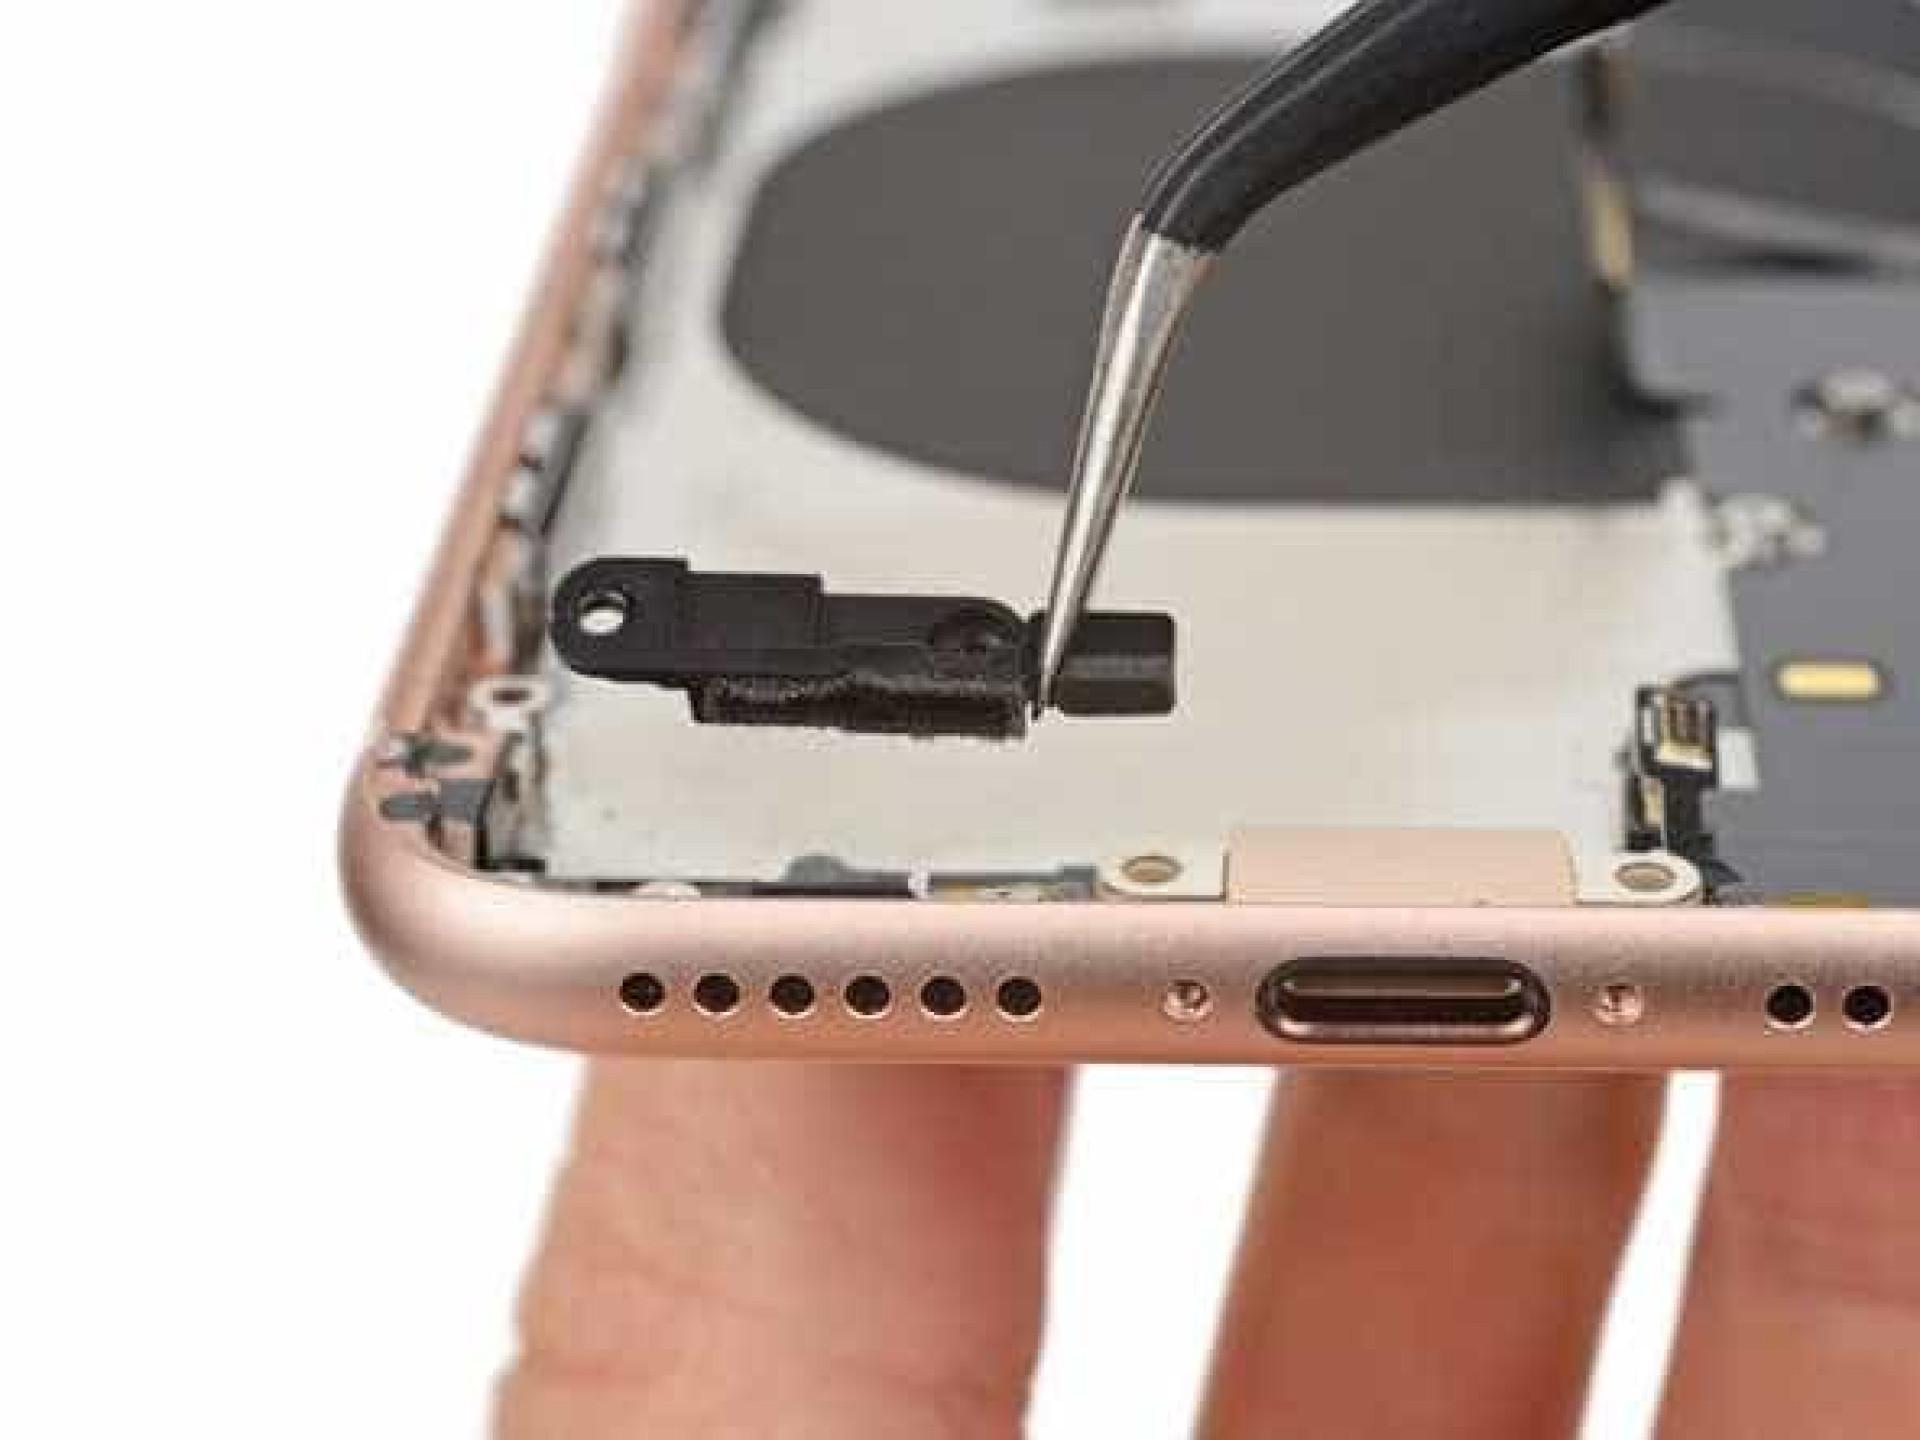 O iPhone 8 ainda agora chegou e já foi desmontado. Veja o interior